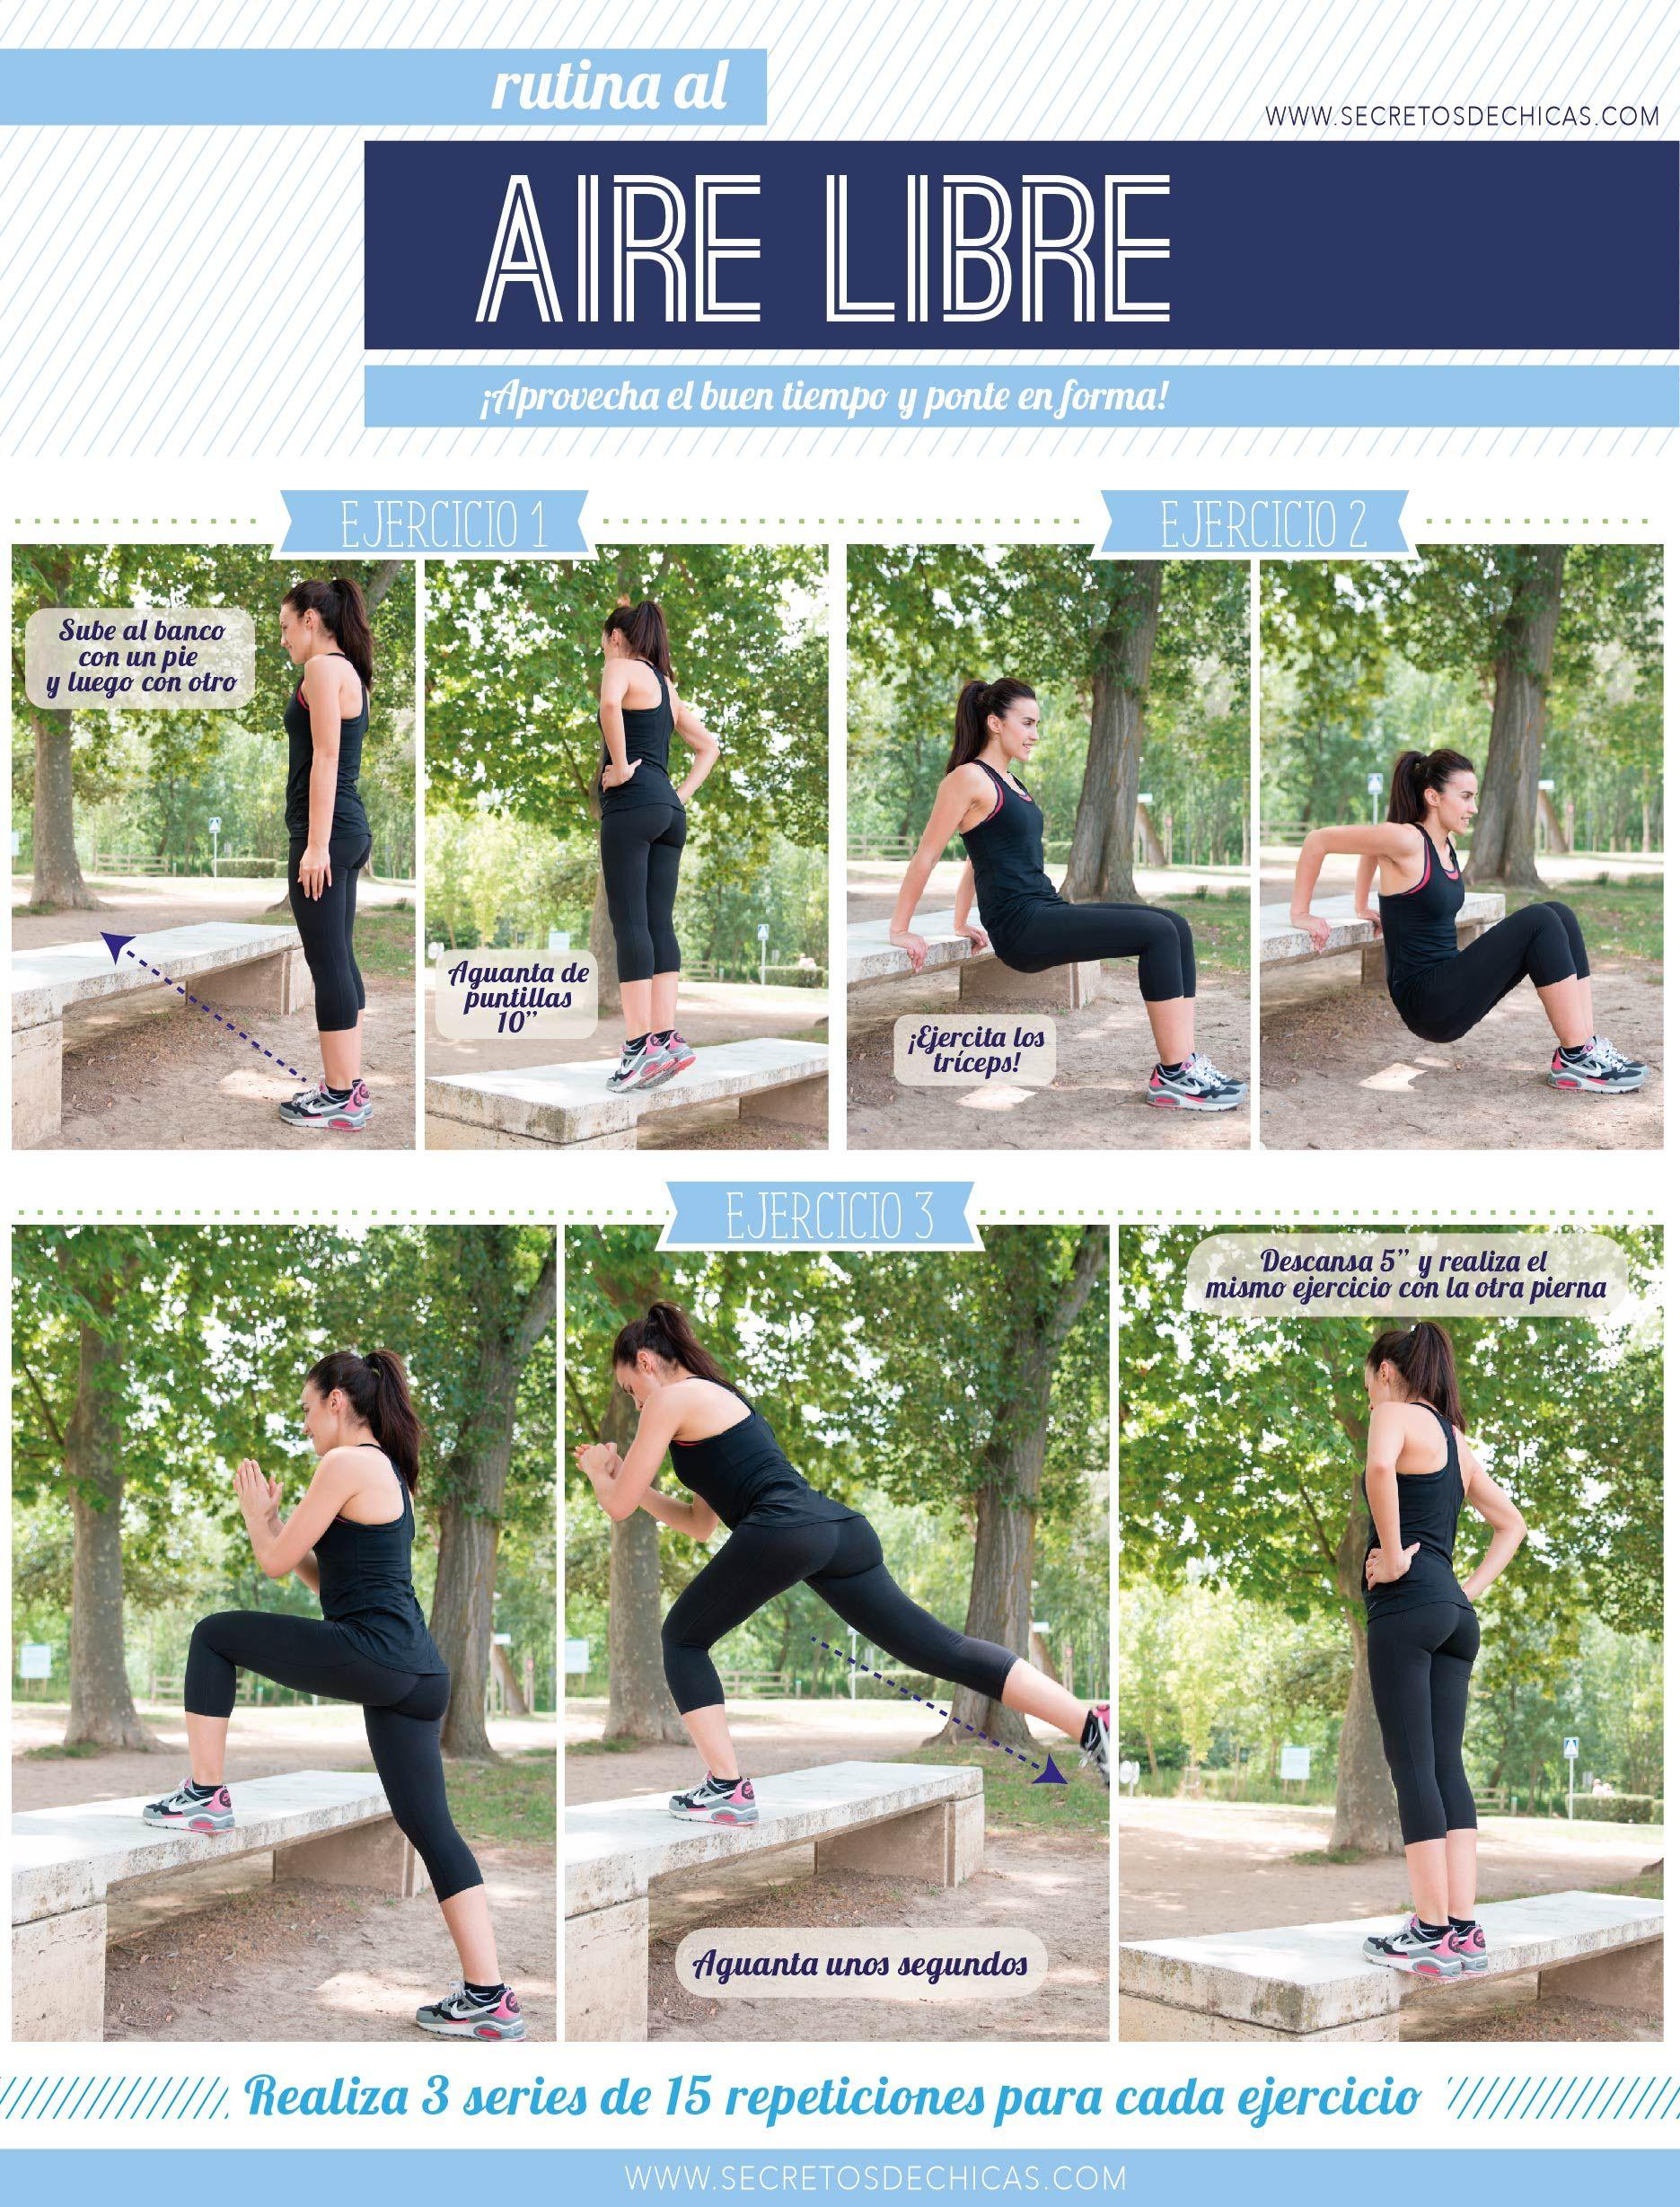 Piernas y ejercicios gluteos para libres